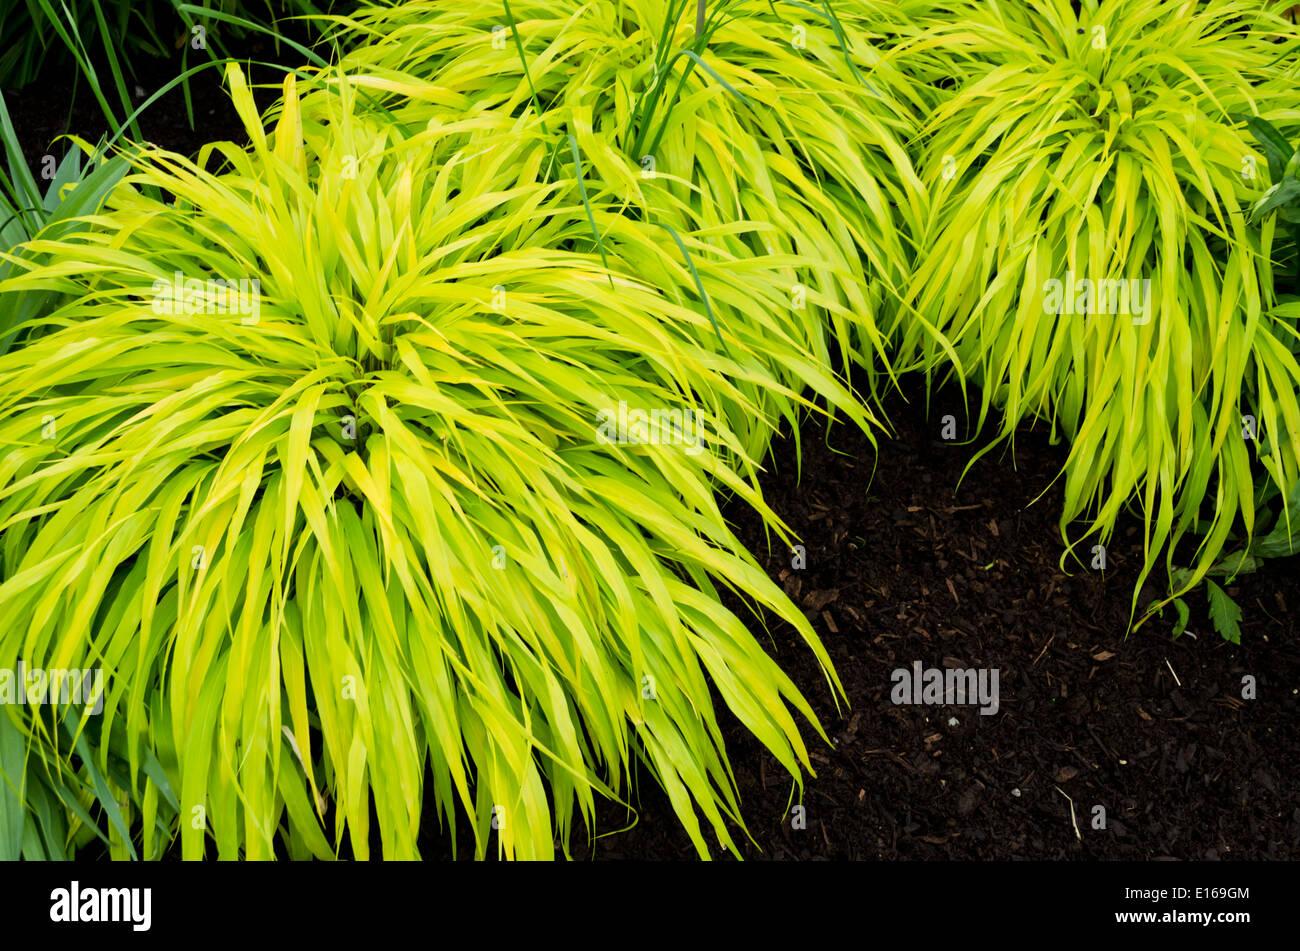 Ziergräser Im Garten Bilder hakonechloa macra alle gold oder japanischen wald rasen schöne